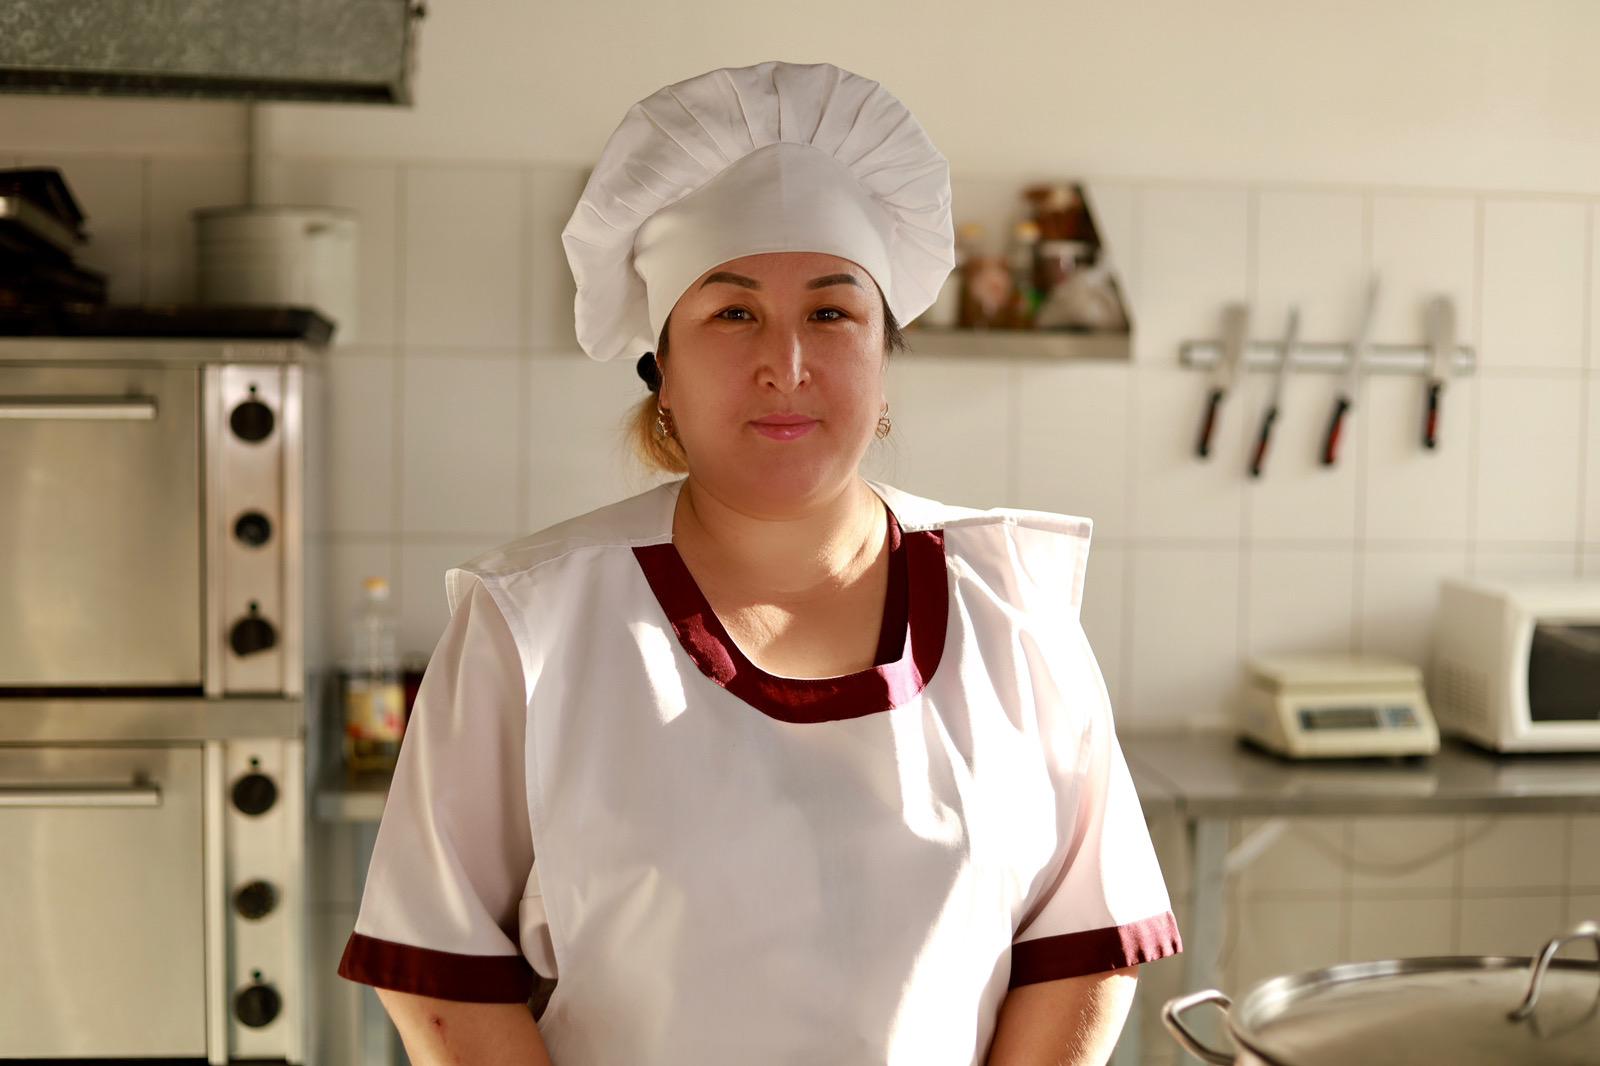 Аширбекова Жипаркуль Токтусуновна - повар